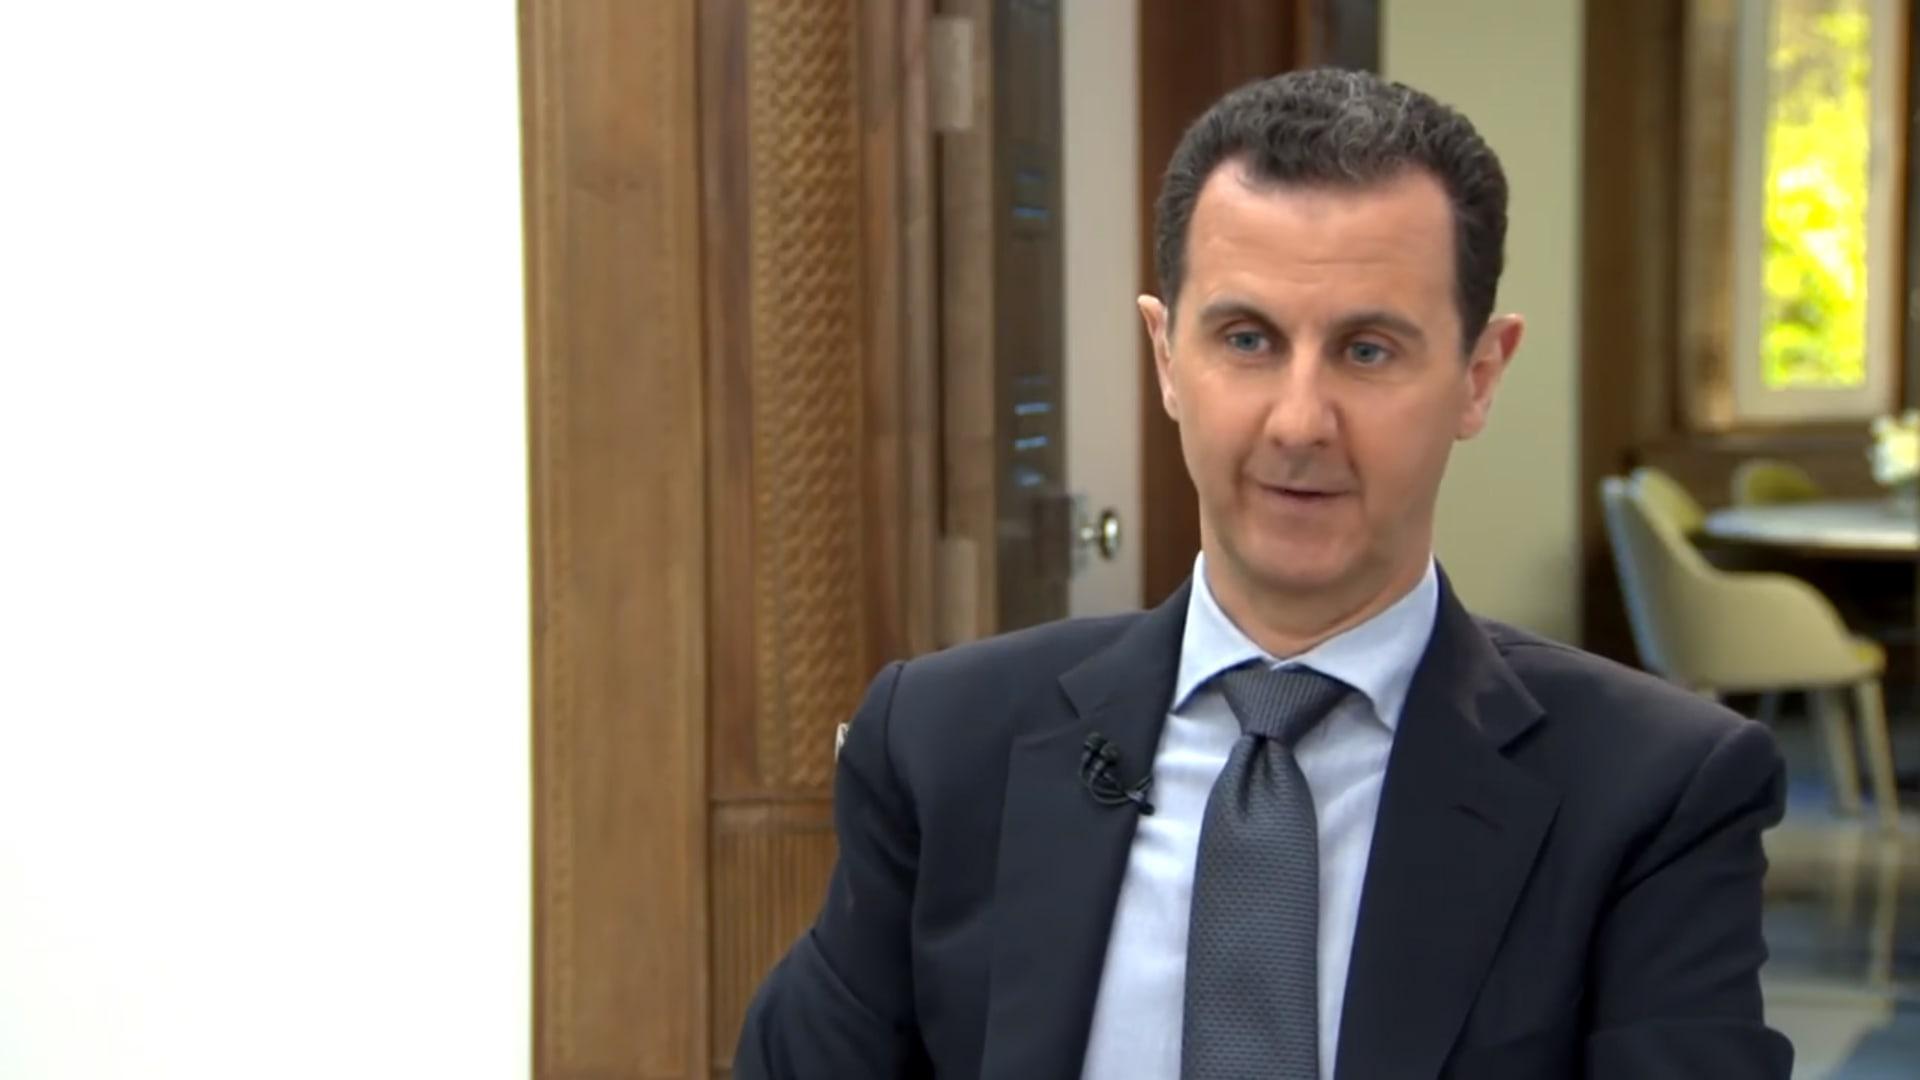 """الأسد: أنا """"الشيطان"""" في رواية الإعلام الغربي.. وترامب رهن إشارة مؤسسات أمريكا"""